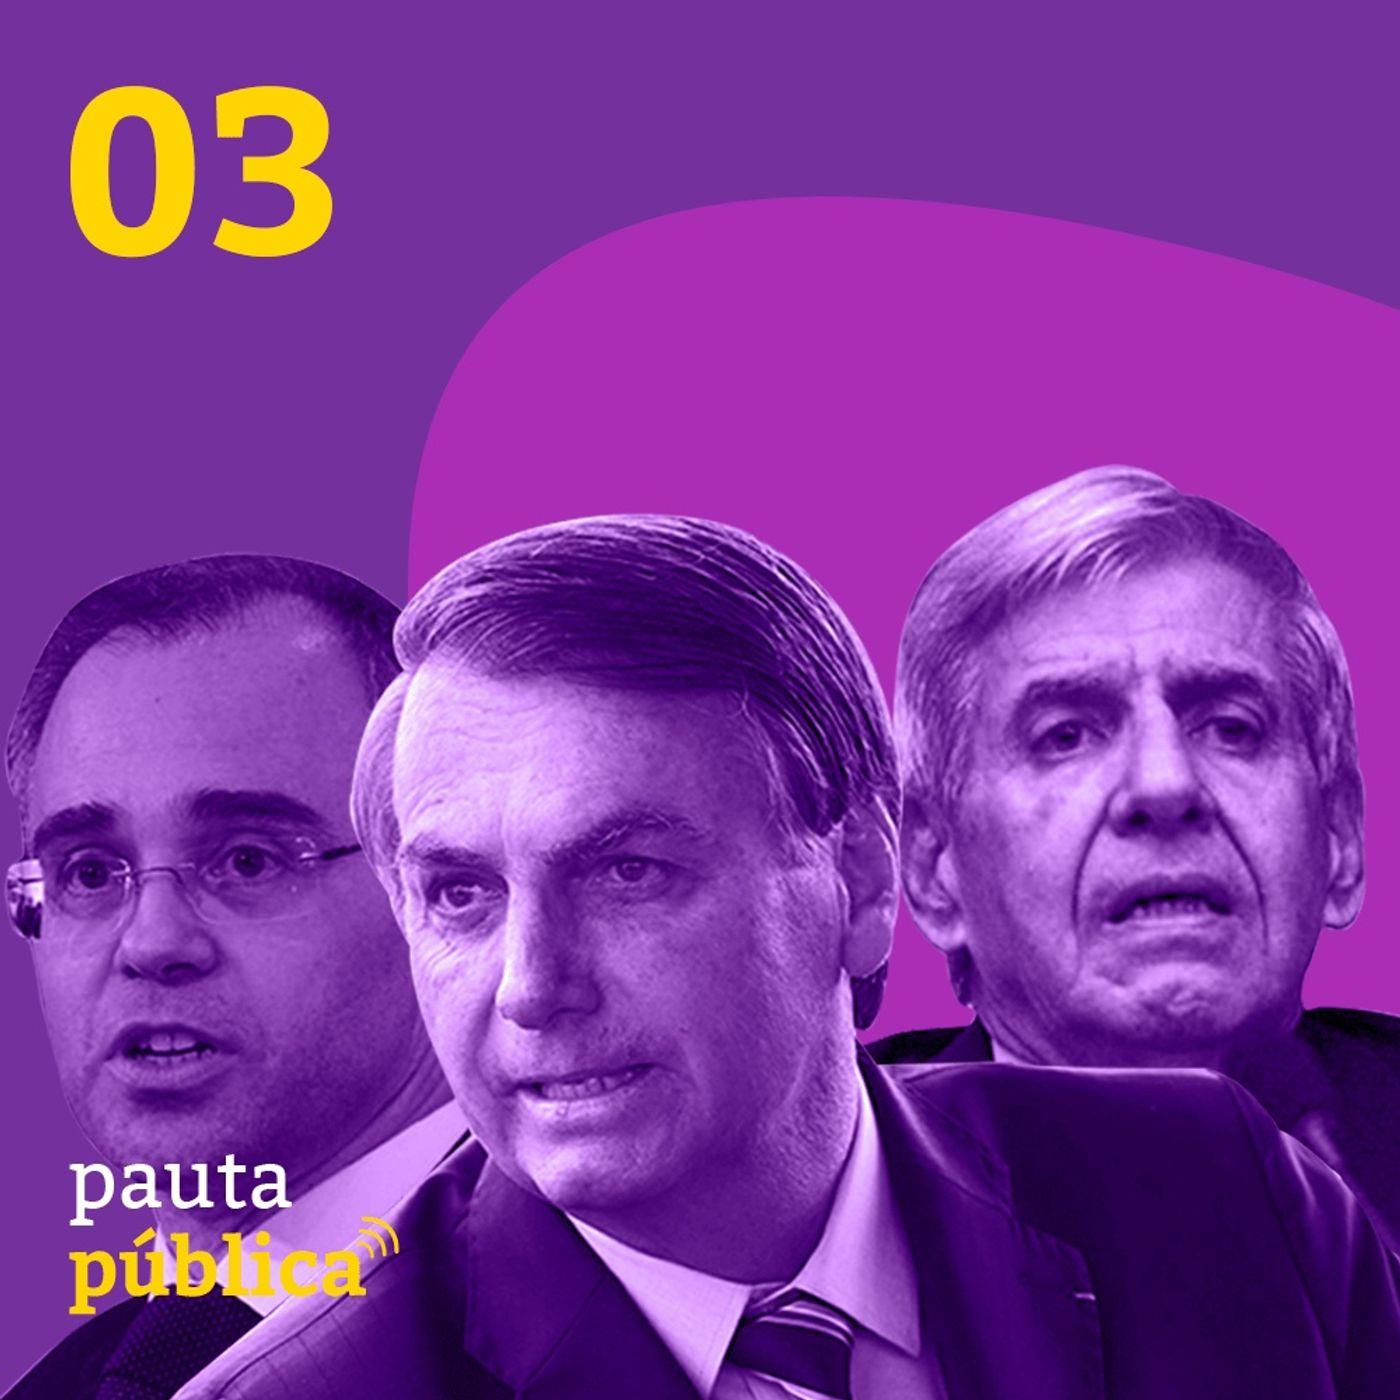 03 | Dossiê Antifascista, a espionagem no governo Bolsonaro - com Rubens Valente